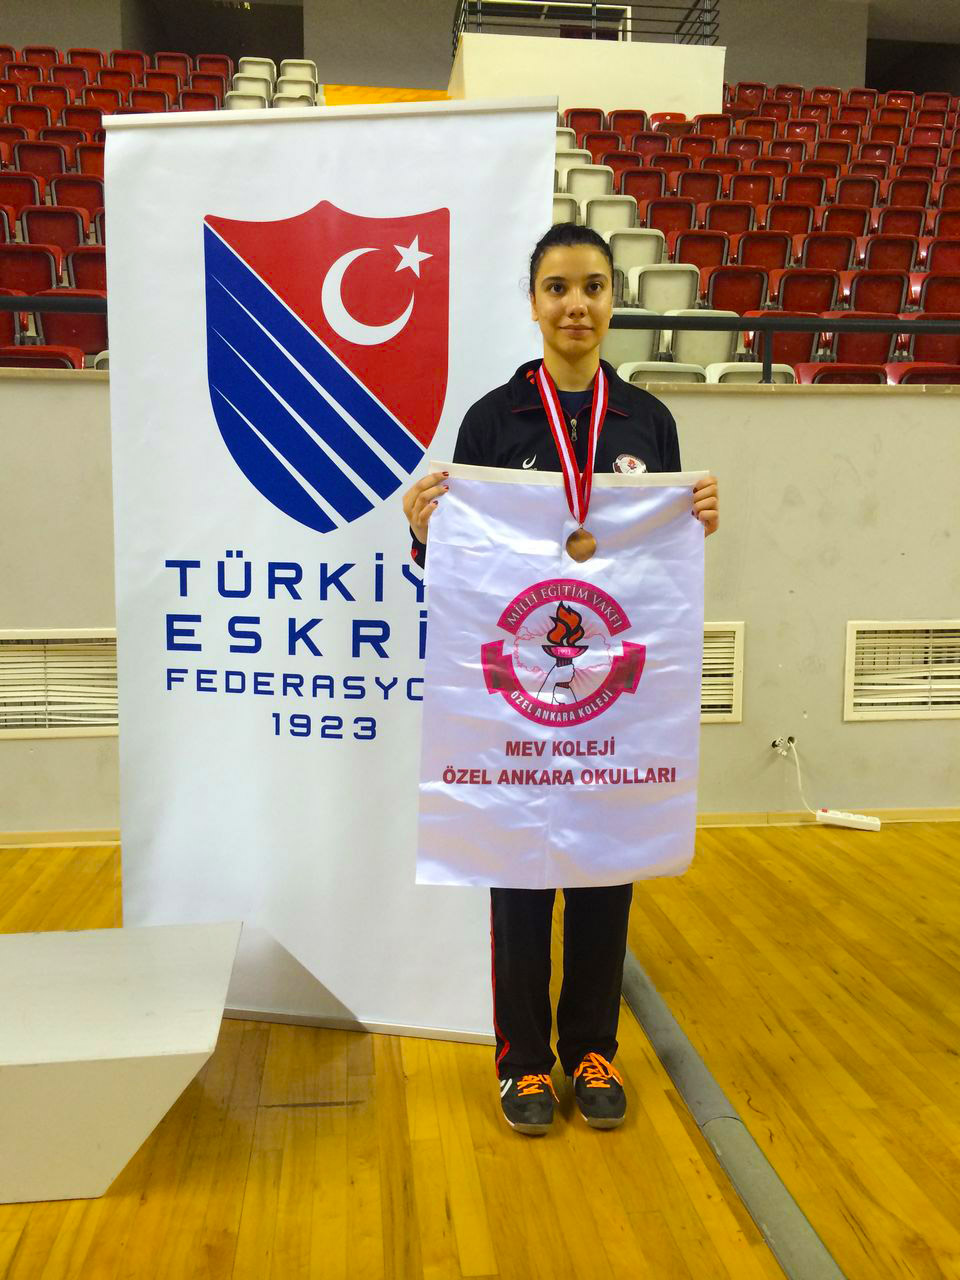 Eskrimin Altın Kızından Türkiye Derecesi